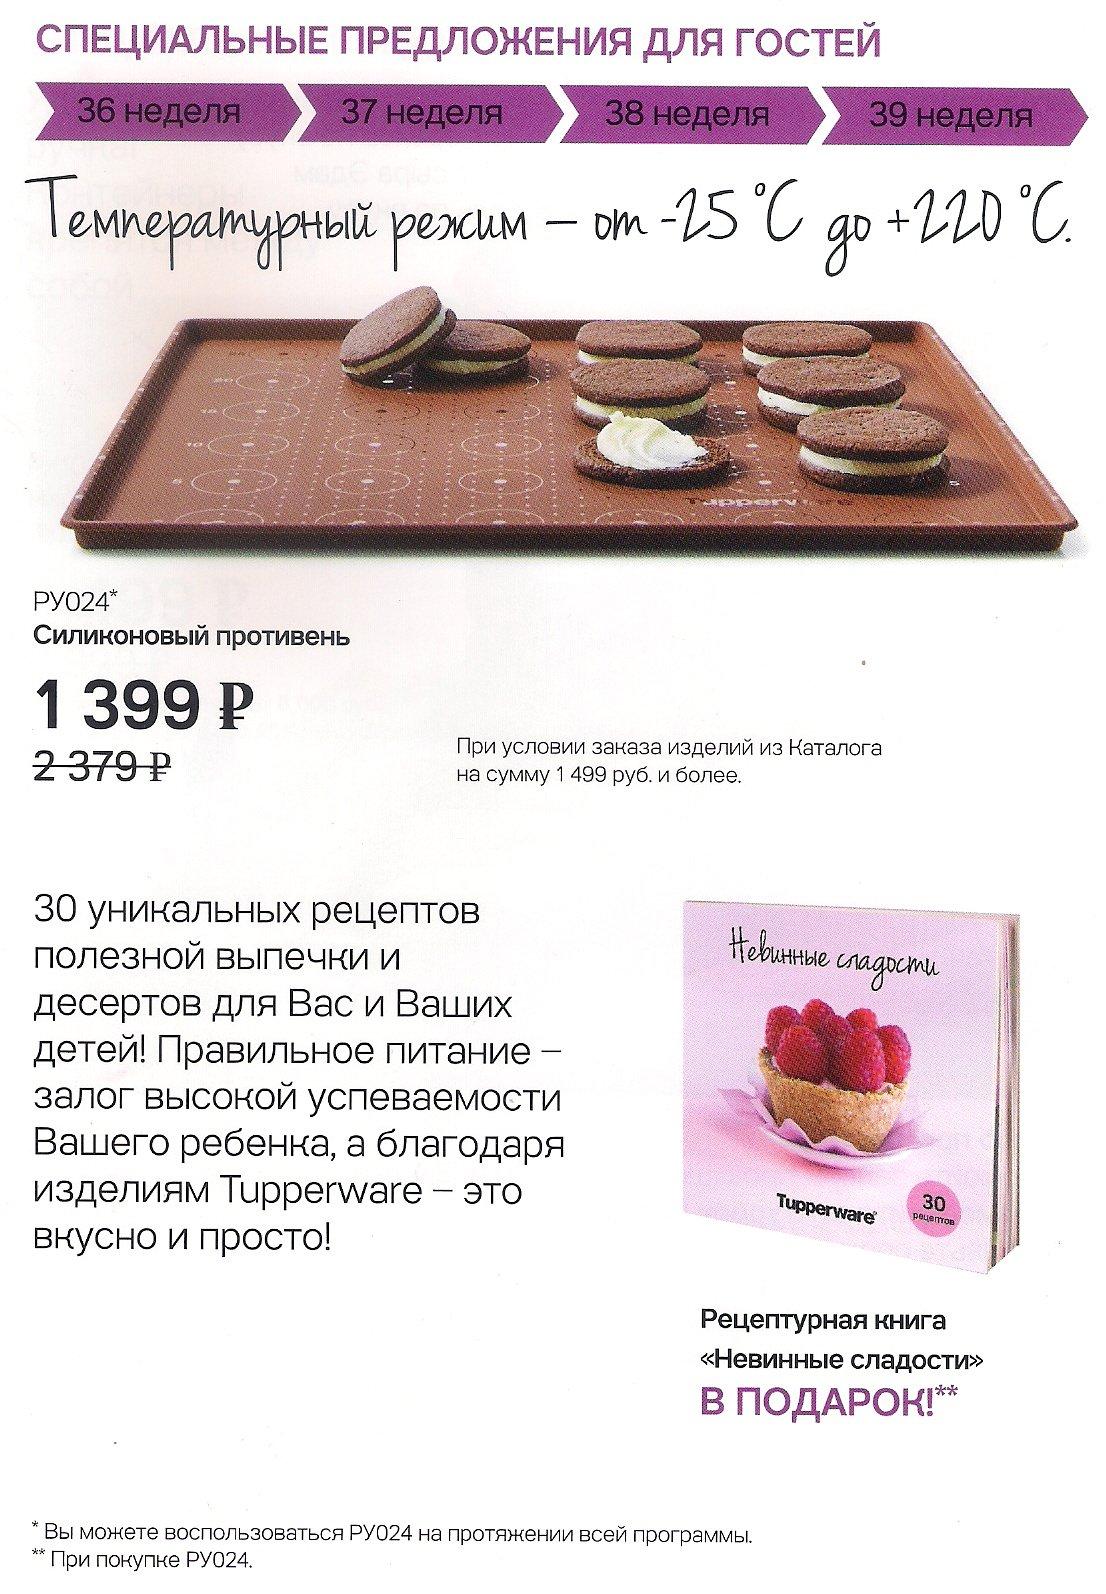 https://tupperware-online.ru/images/upload/8b.jpg